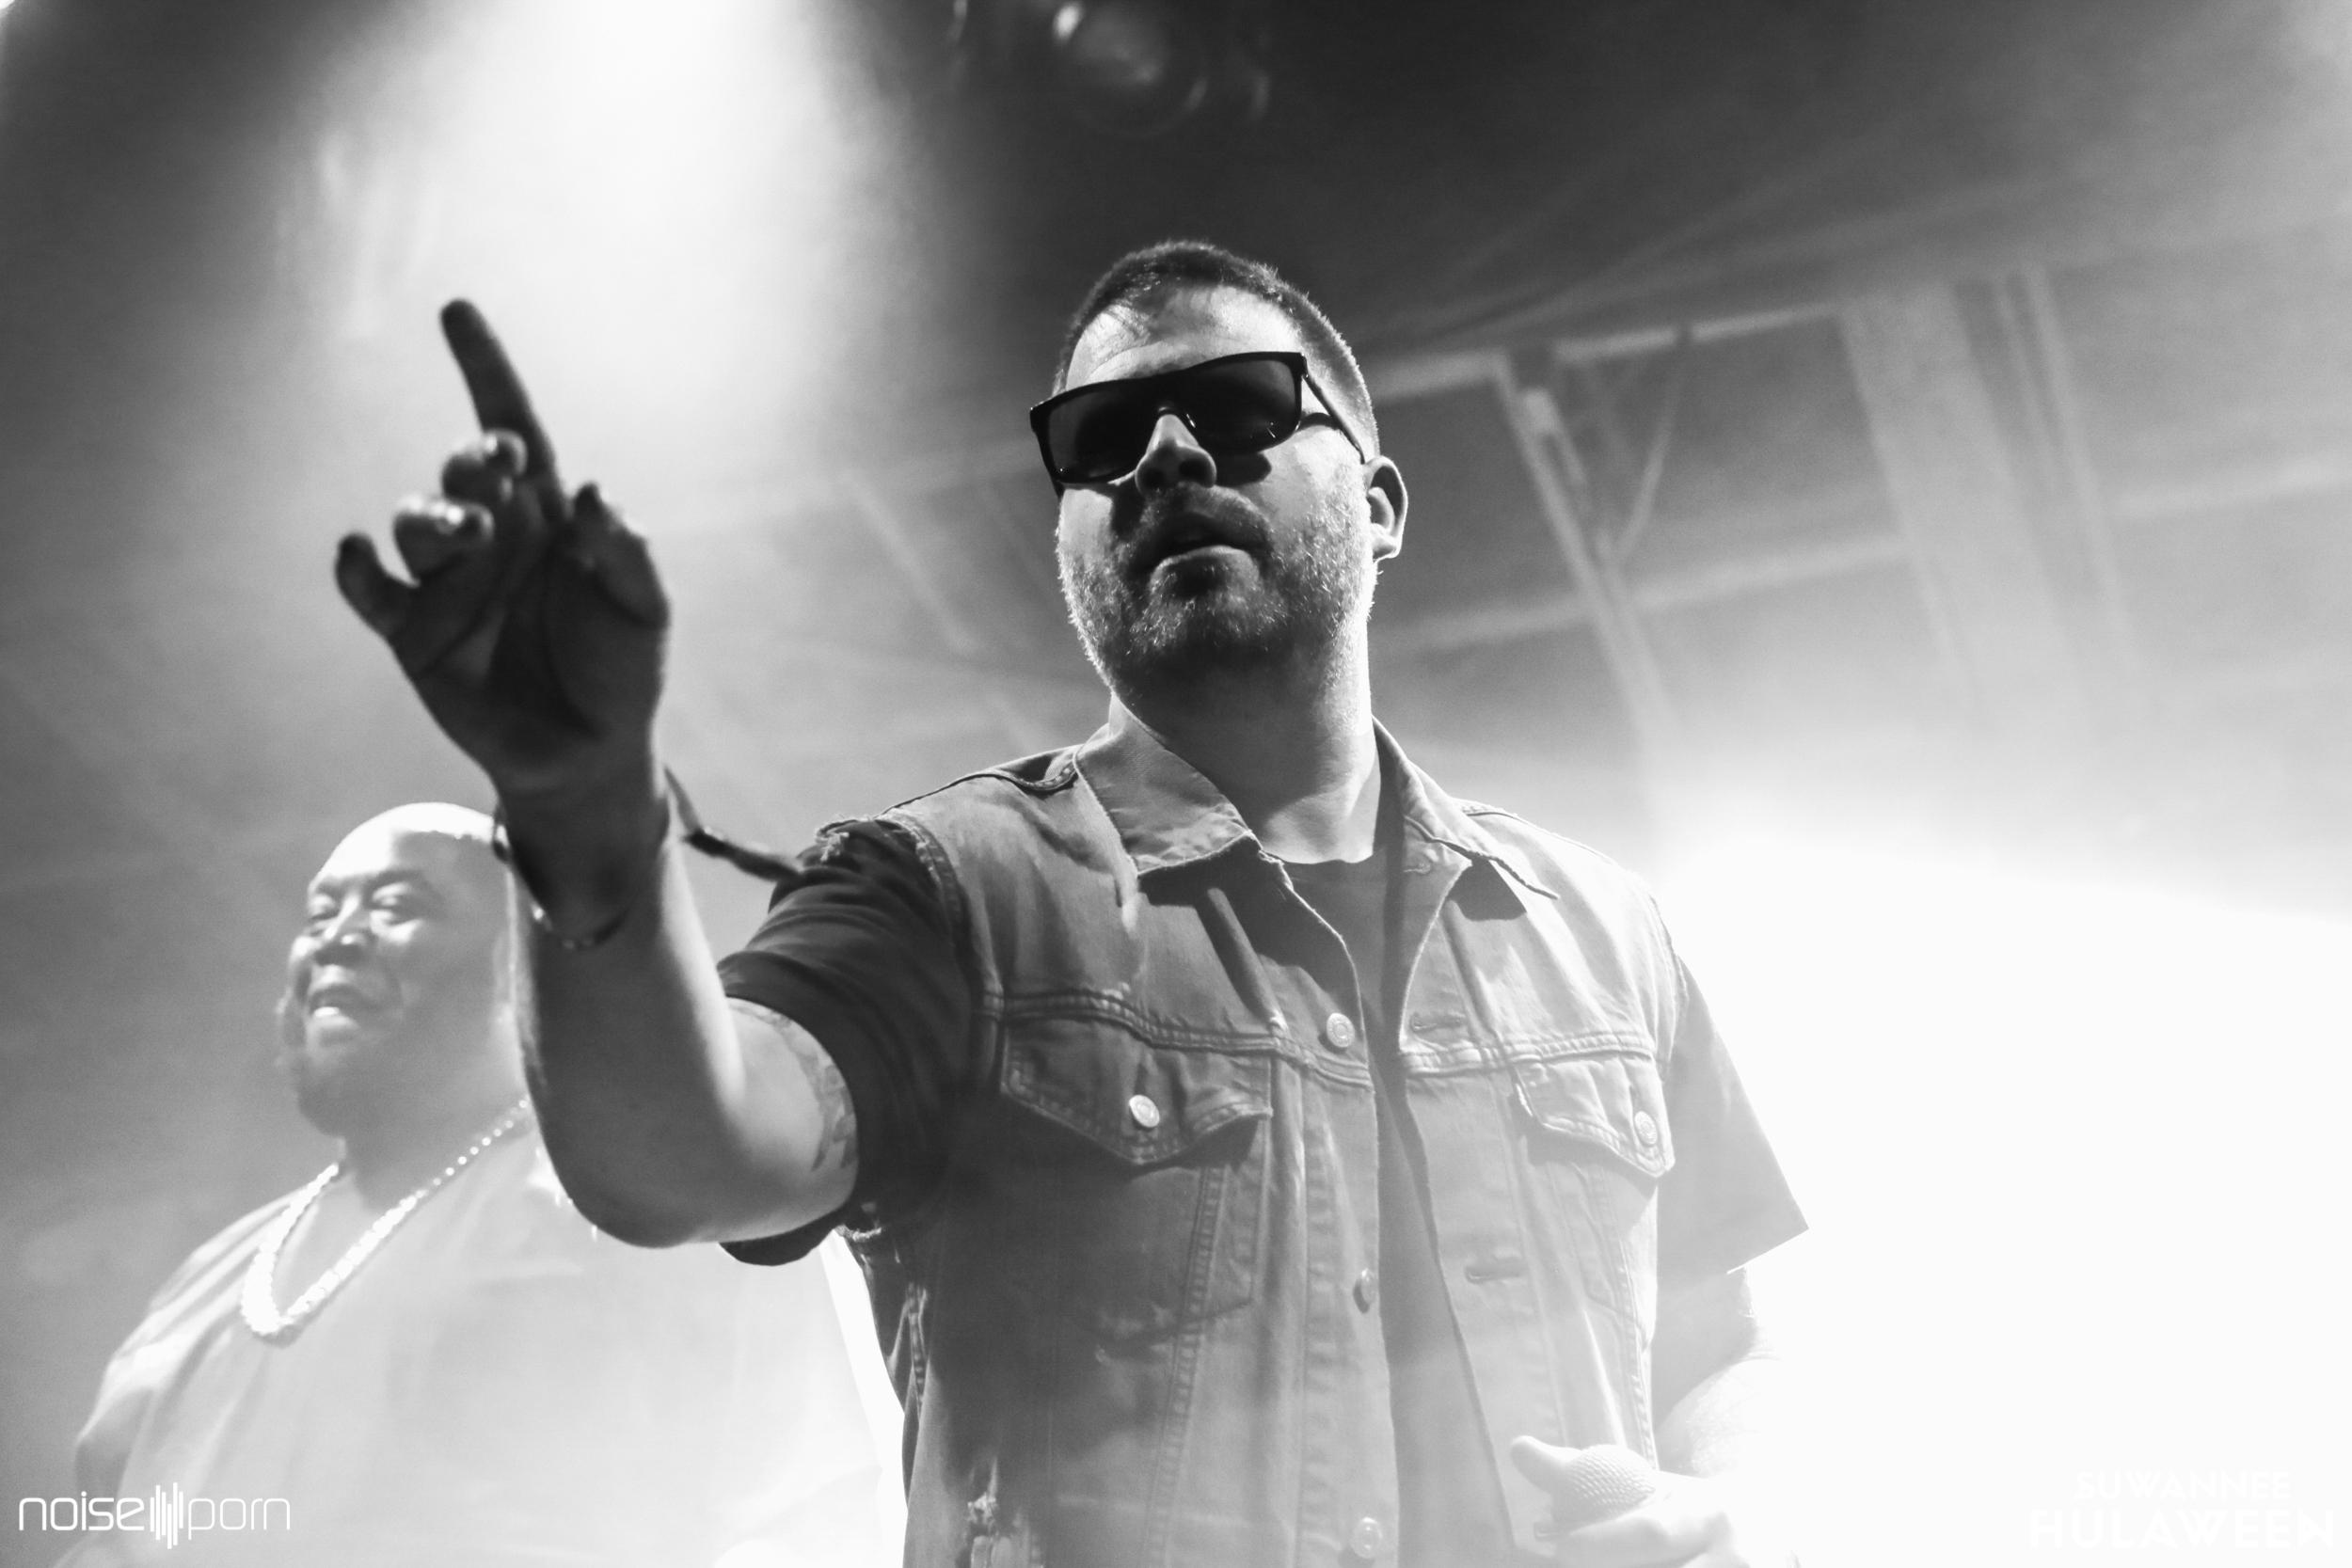 Adam Bentley/Noiseporn